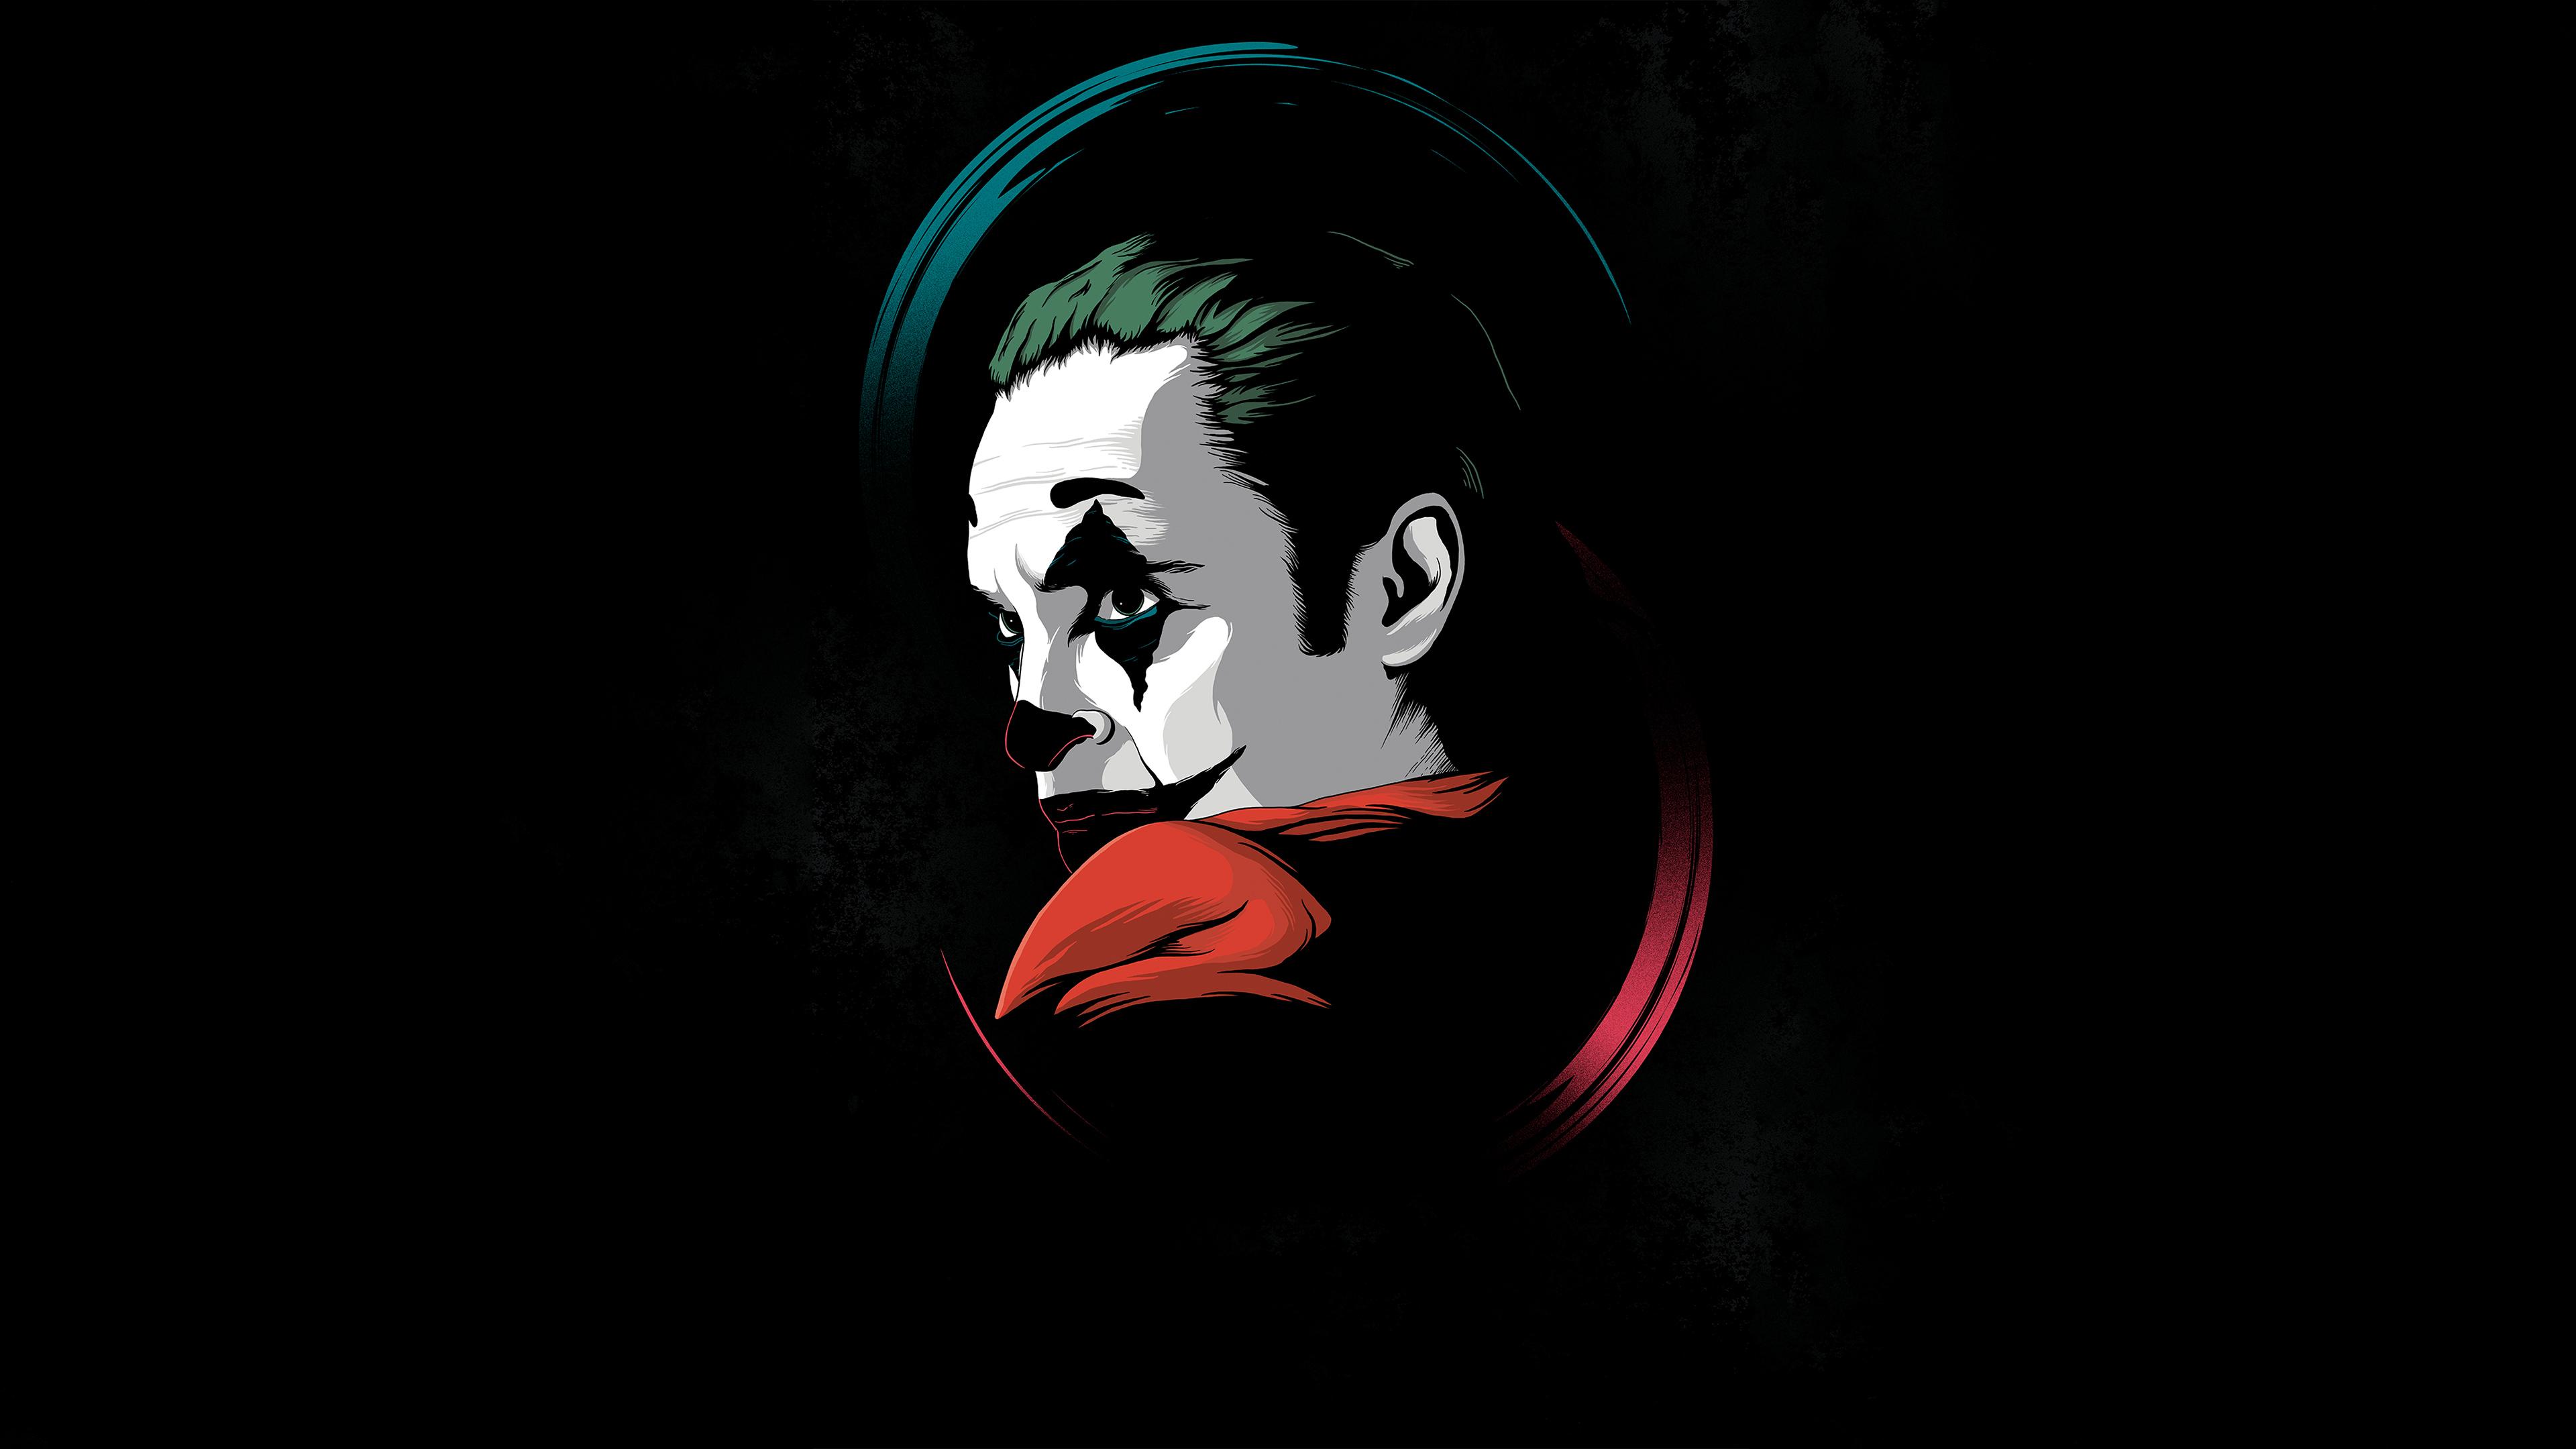 joker movie minimal 1570918665 - Joker Movie Minimal - supervillain wallpapers, superheroes wallpapers, joker wallpapers, joker movie wallpapers, hd-wallpapers, artwork wallpapers, 4k-wallpapers